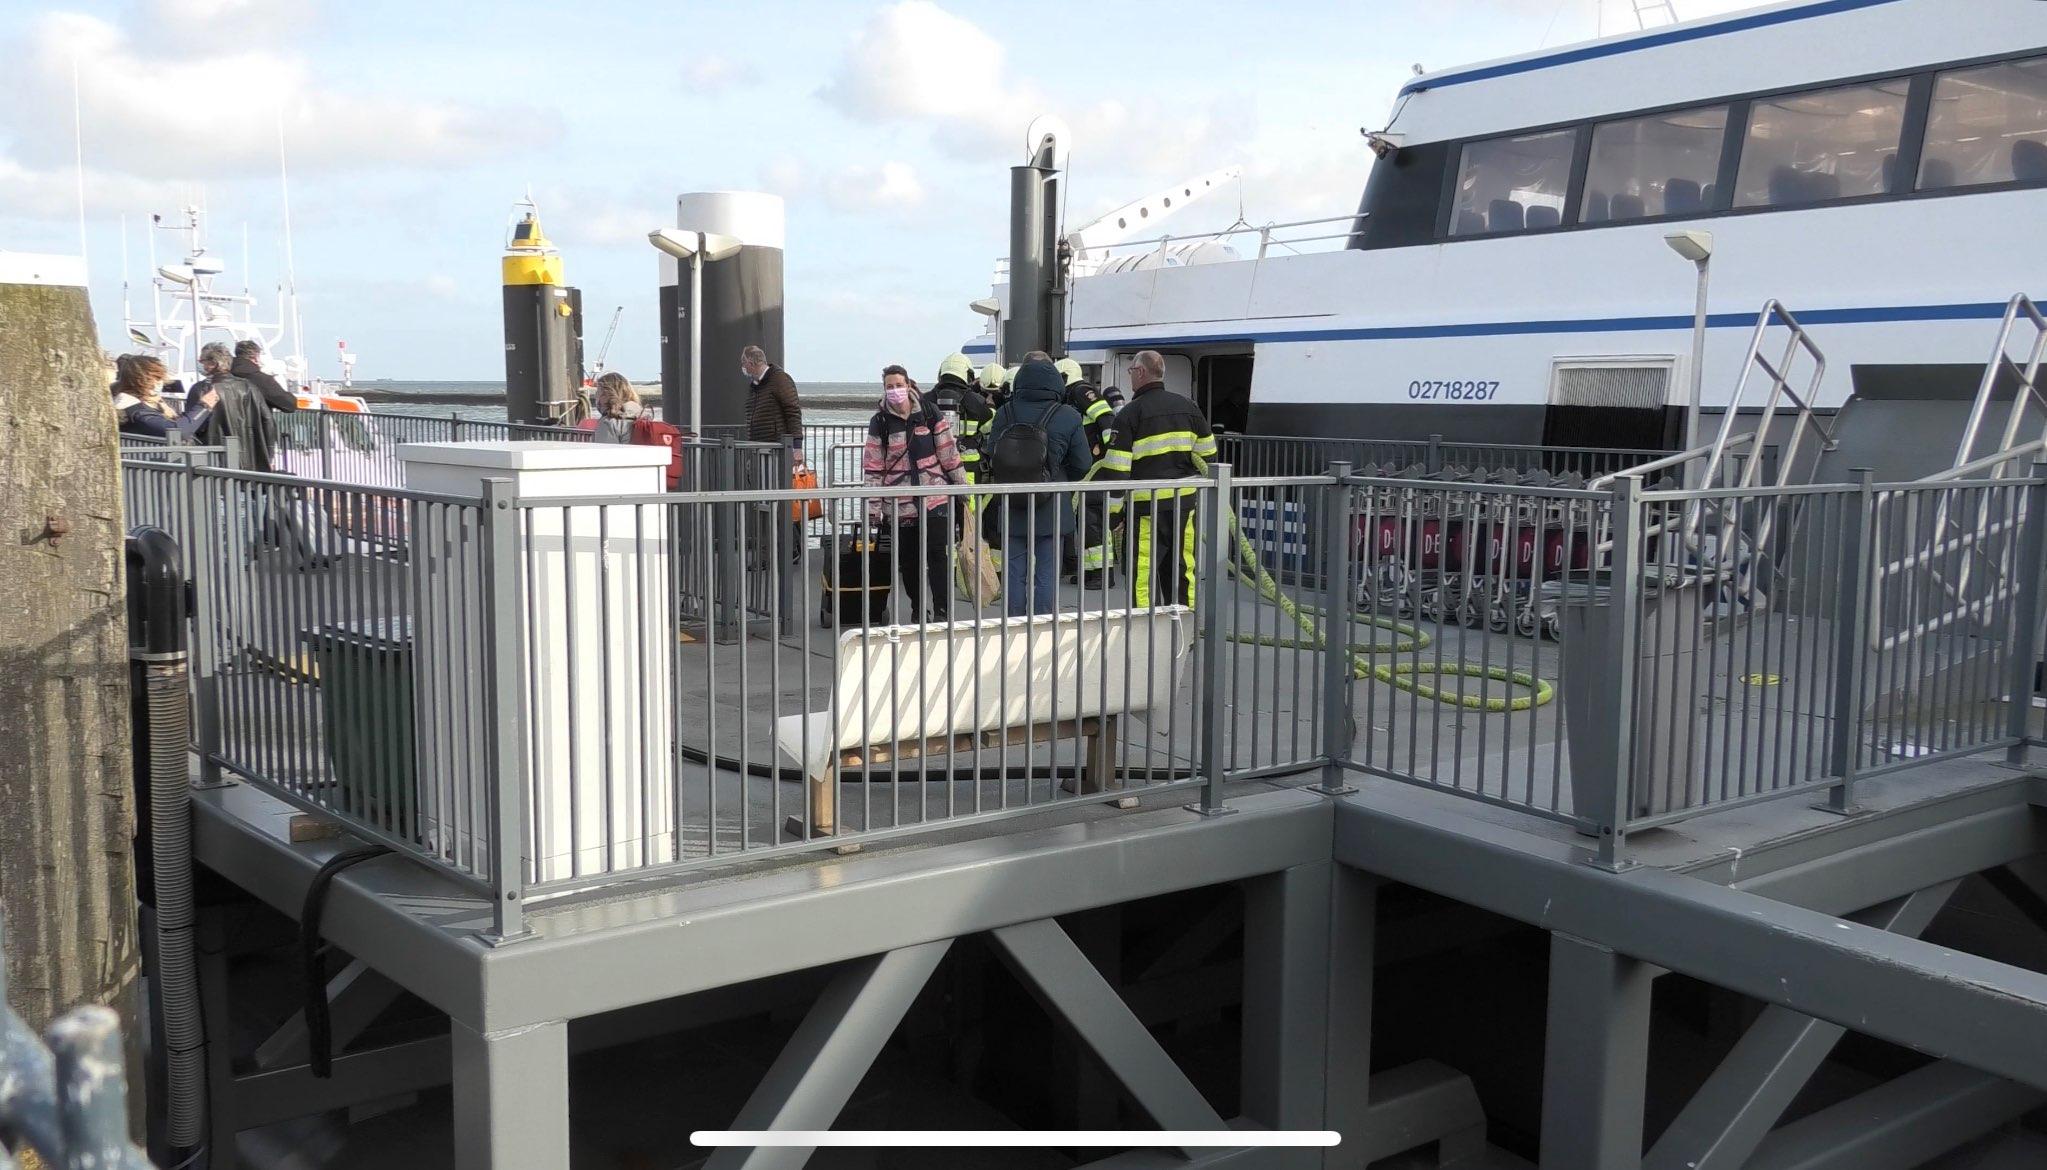 Op de veerboot Koegelwieck naar Terschelling heeft woensdagavond brand gewoed in de machinekamer. Foto Jaring Rispens